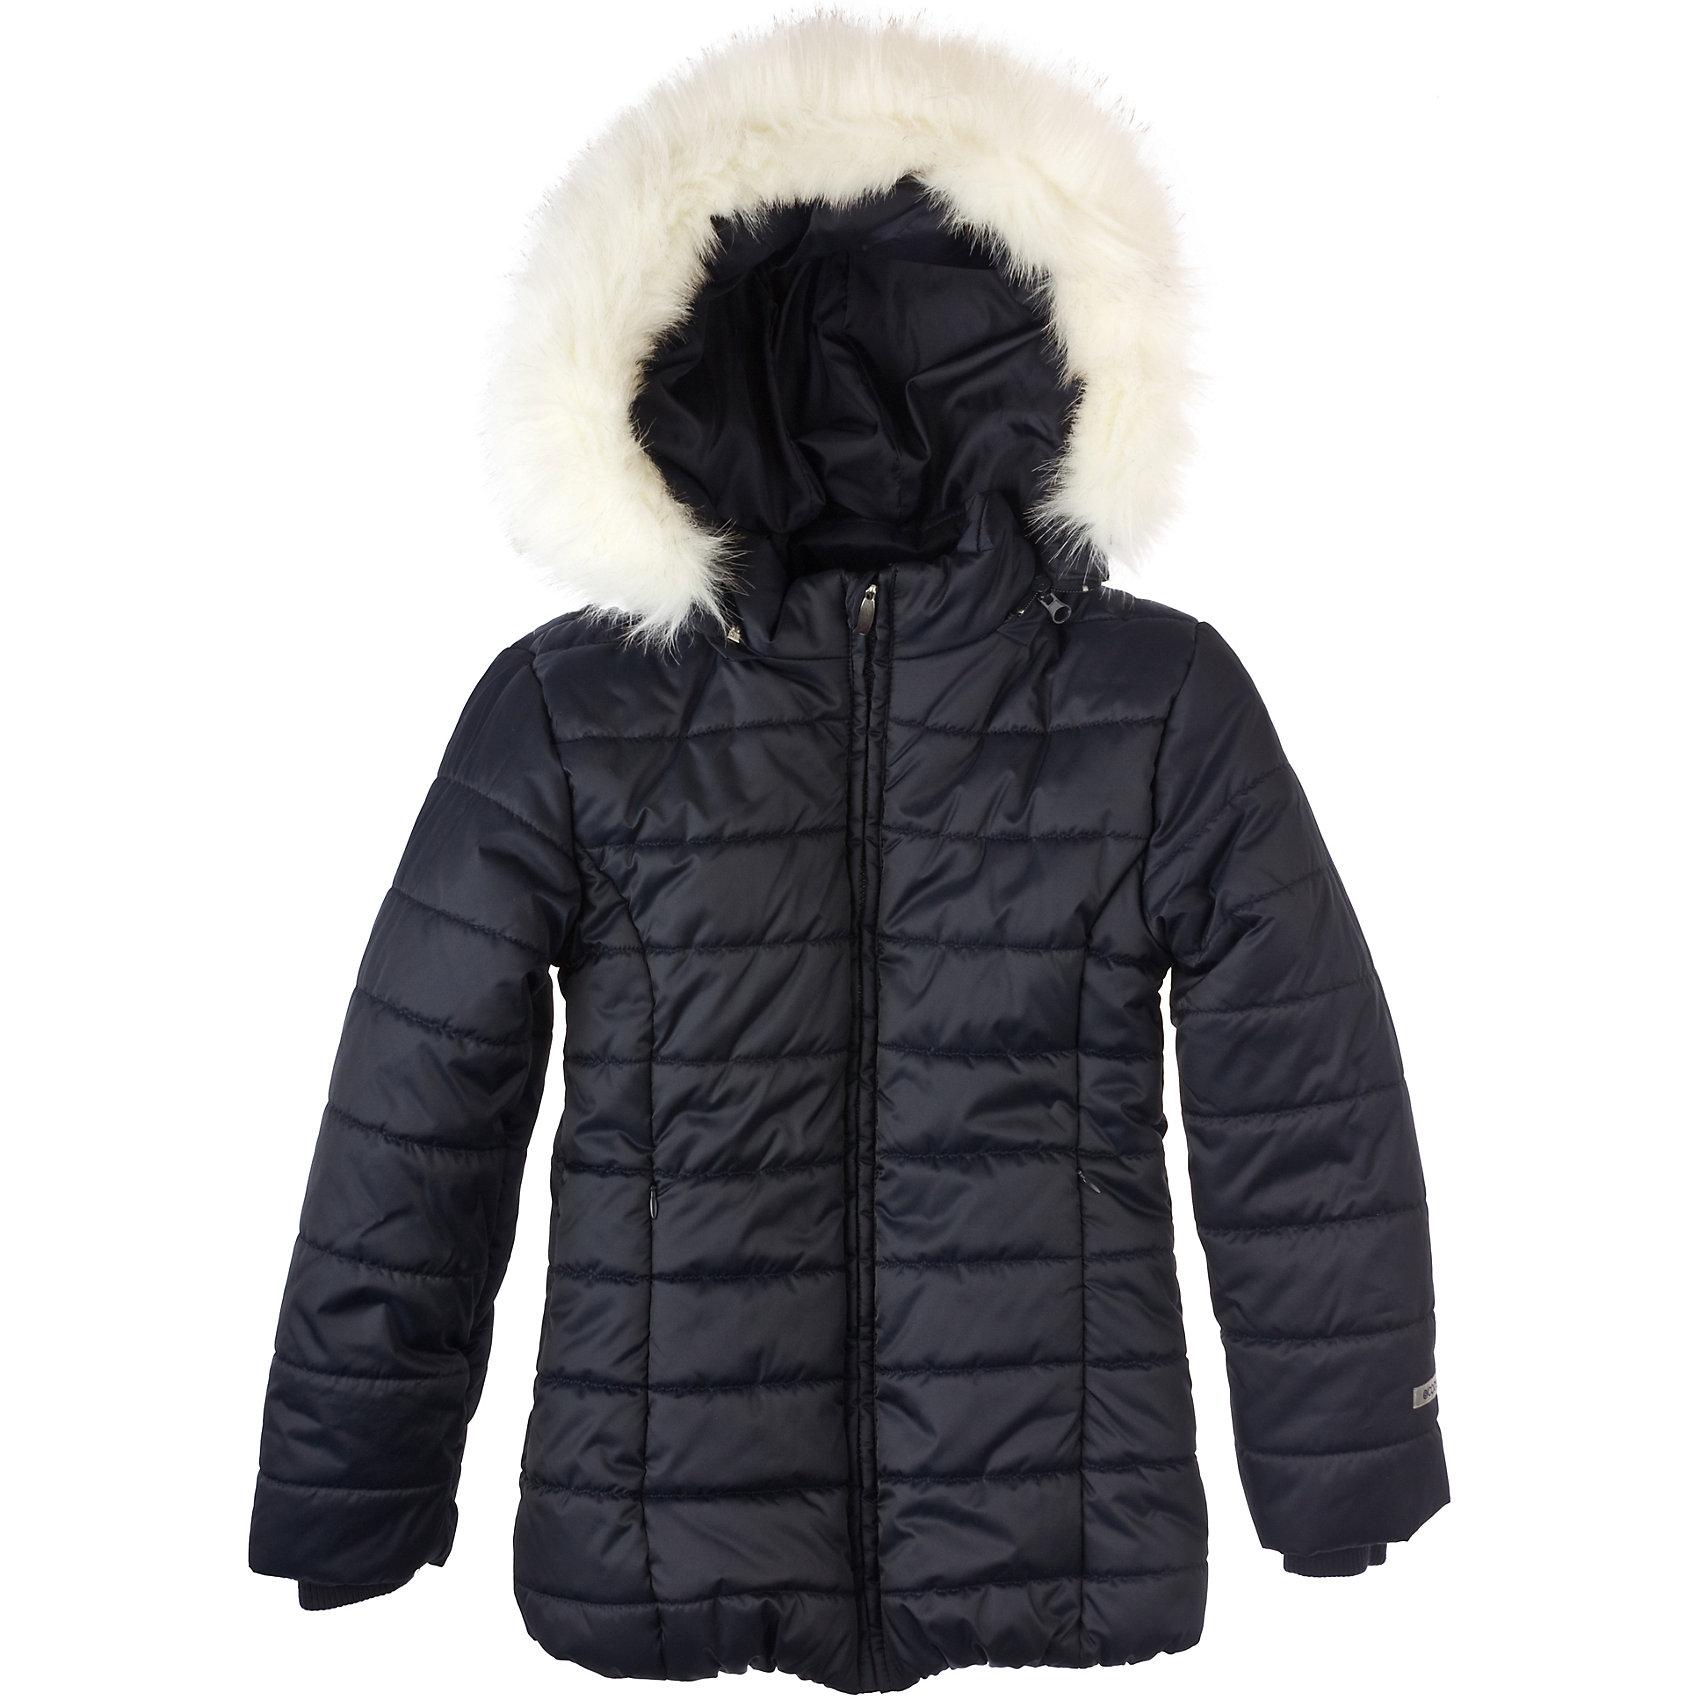 Куртка для девочки ScoolВерхняя одежда<br>Куртка для девочки Scool Утепленная куртка с капюшоном на флисовой подкладке. Застежка - молния. В комплекте прилагается искусственный мех для капюшона. Состав: Верх: 100% полиэстер, Подкладка: 100% полиэстер, Утеплитель: 100% полиэстер<br><br>Ширина мм: 356<br>Глубина мм: 10<br>Высота мм: 245<br>Вес г: 519<br>Цвет: белый<br>Возраст от месяцев: 96<br>Возраст до месяцев: 108<br>Пол: Женский<br>Возраст: Детский<br>Размер: 134,140,146,158,164,152<br>SKU: 4228328